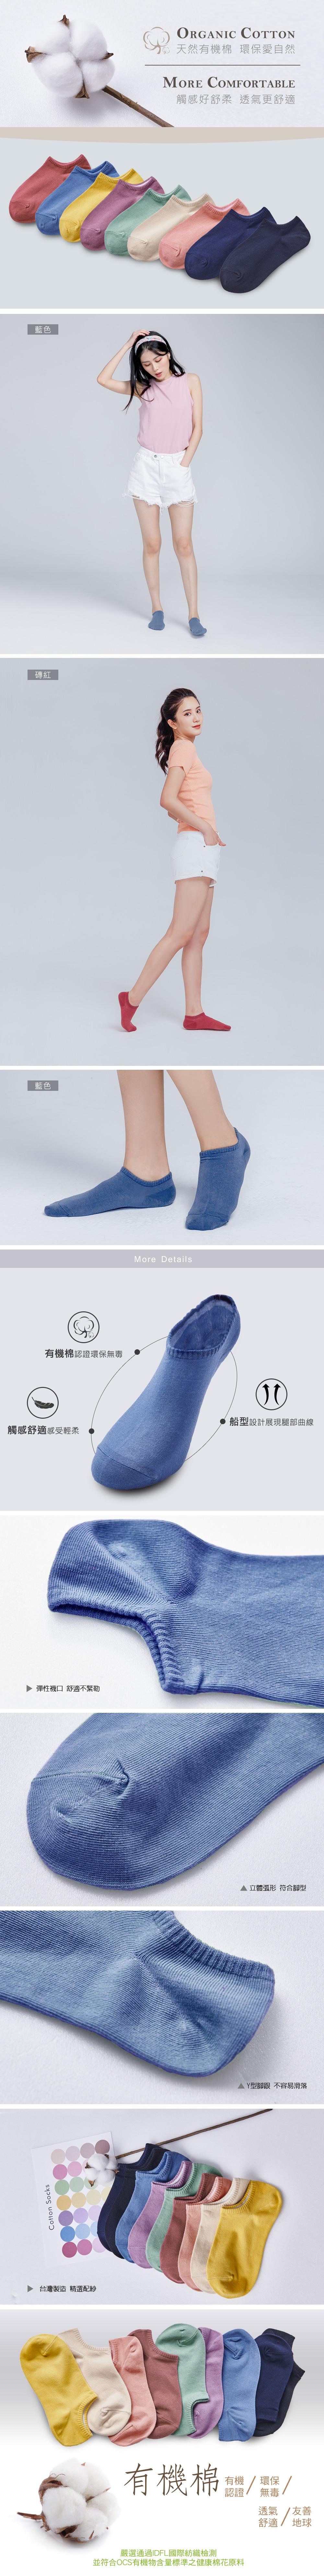 有機棉船襪